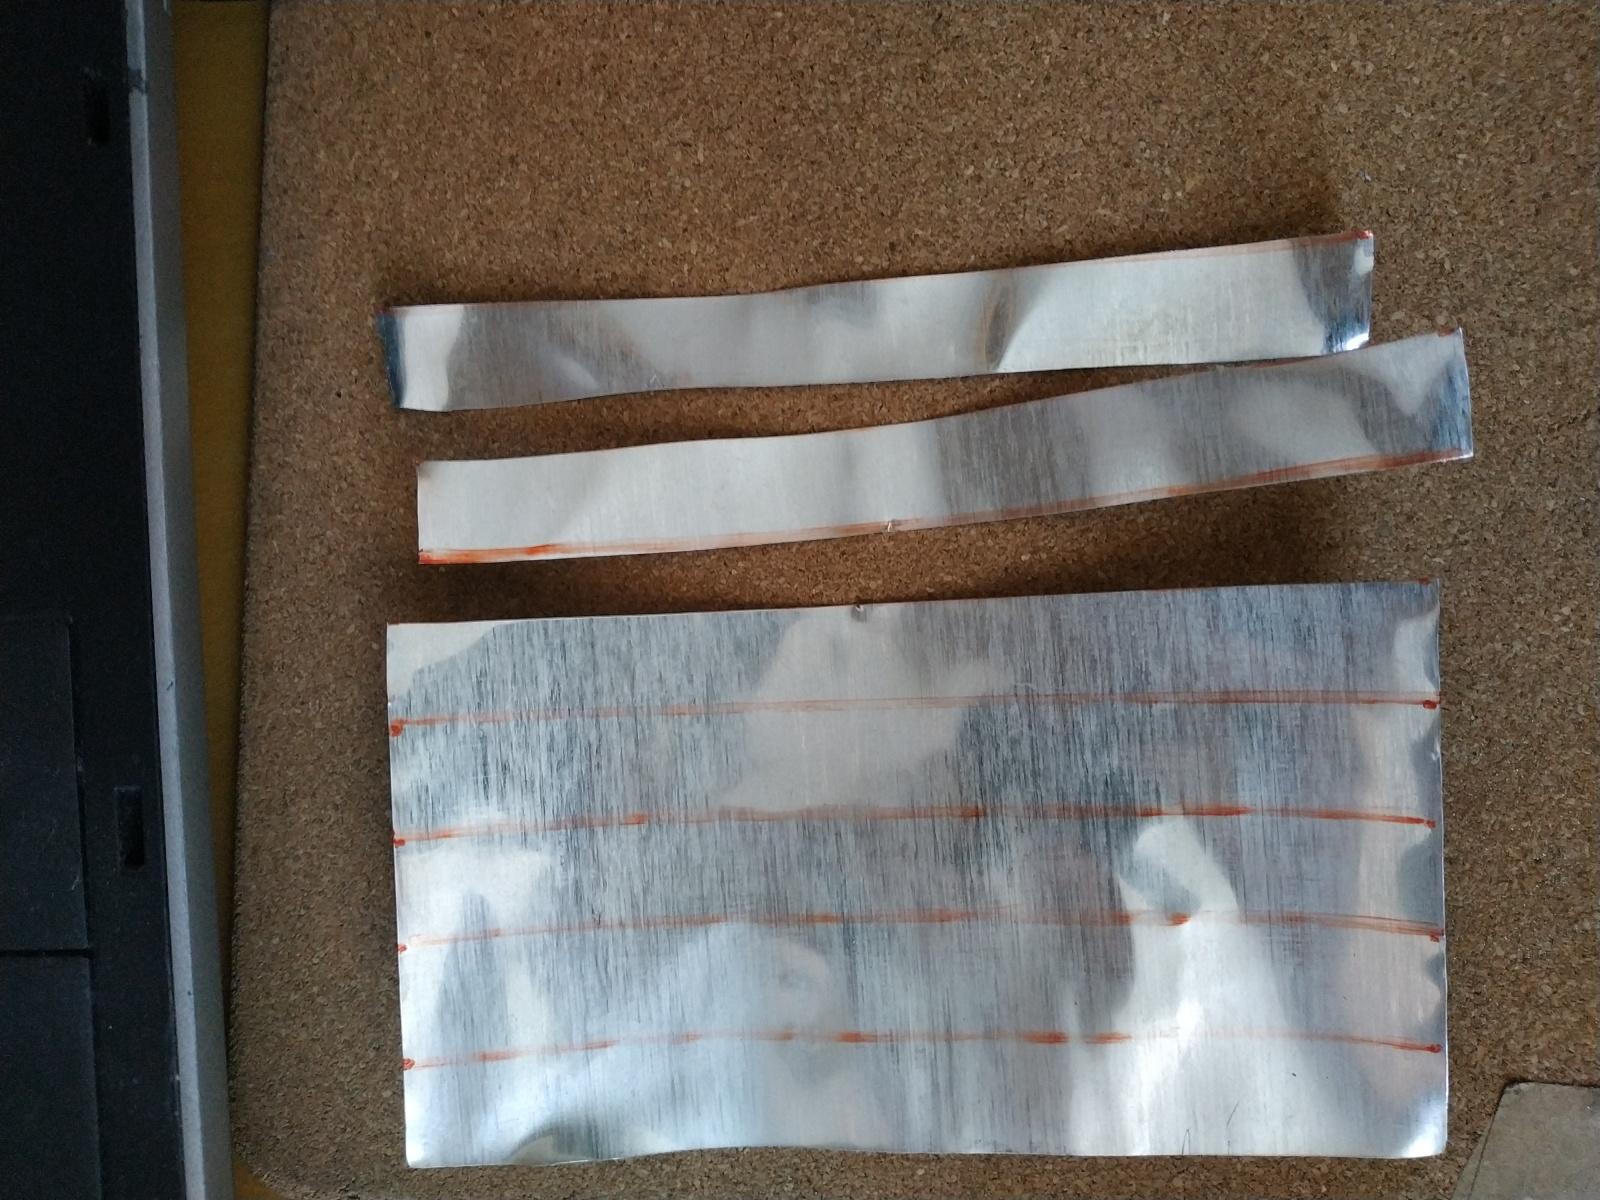 Как я изготовил респиратор KN95 в домашних условиях из подручных материалов. Подробная инструкция - 26